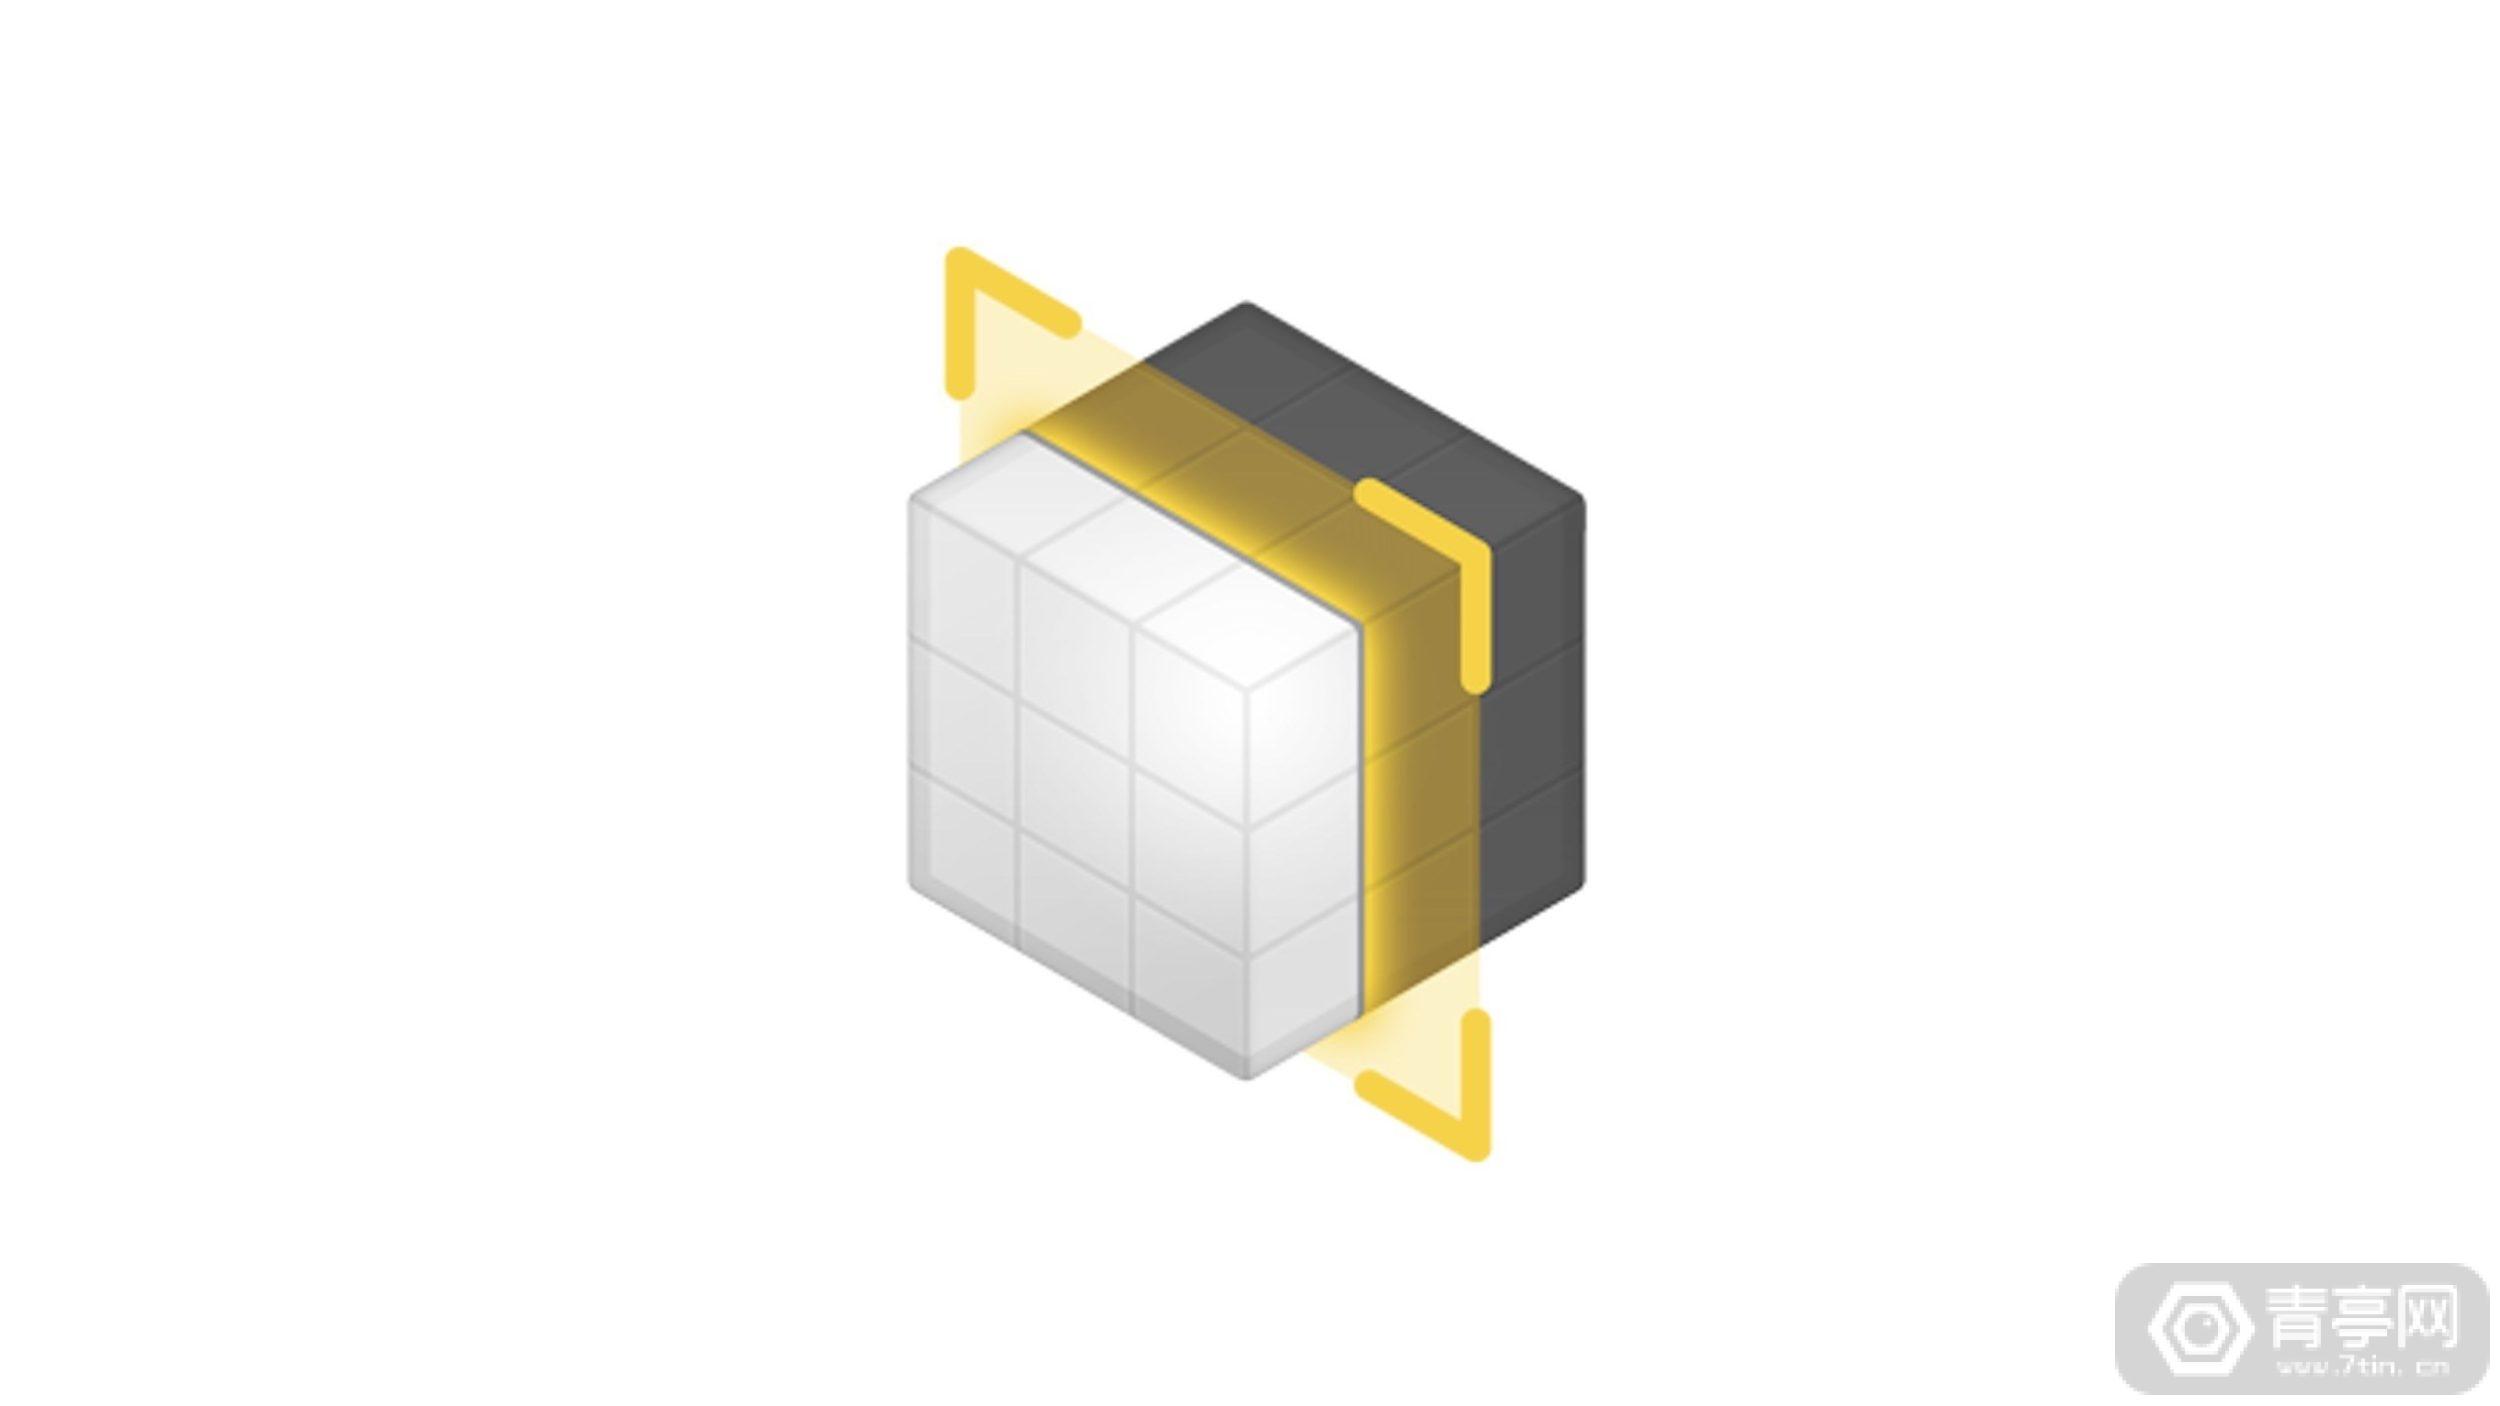 苹果推macOS应用Reality Converter,简化USDZ 3D格式转化